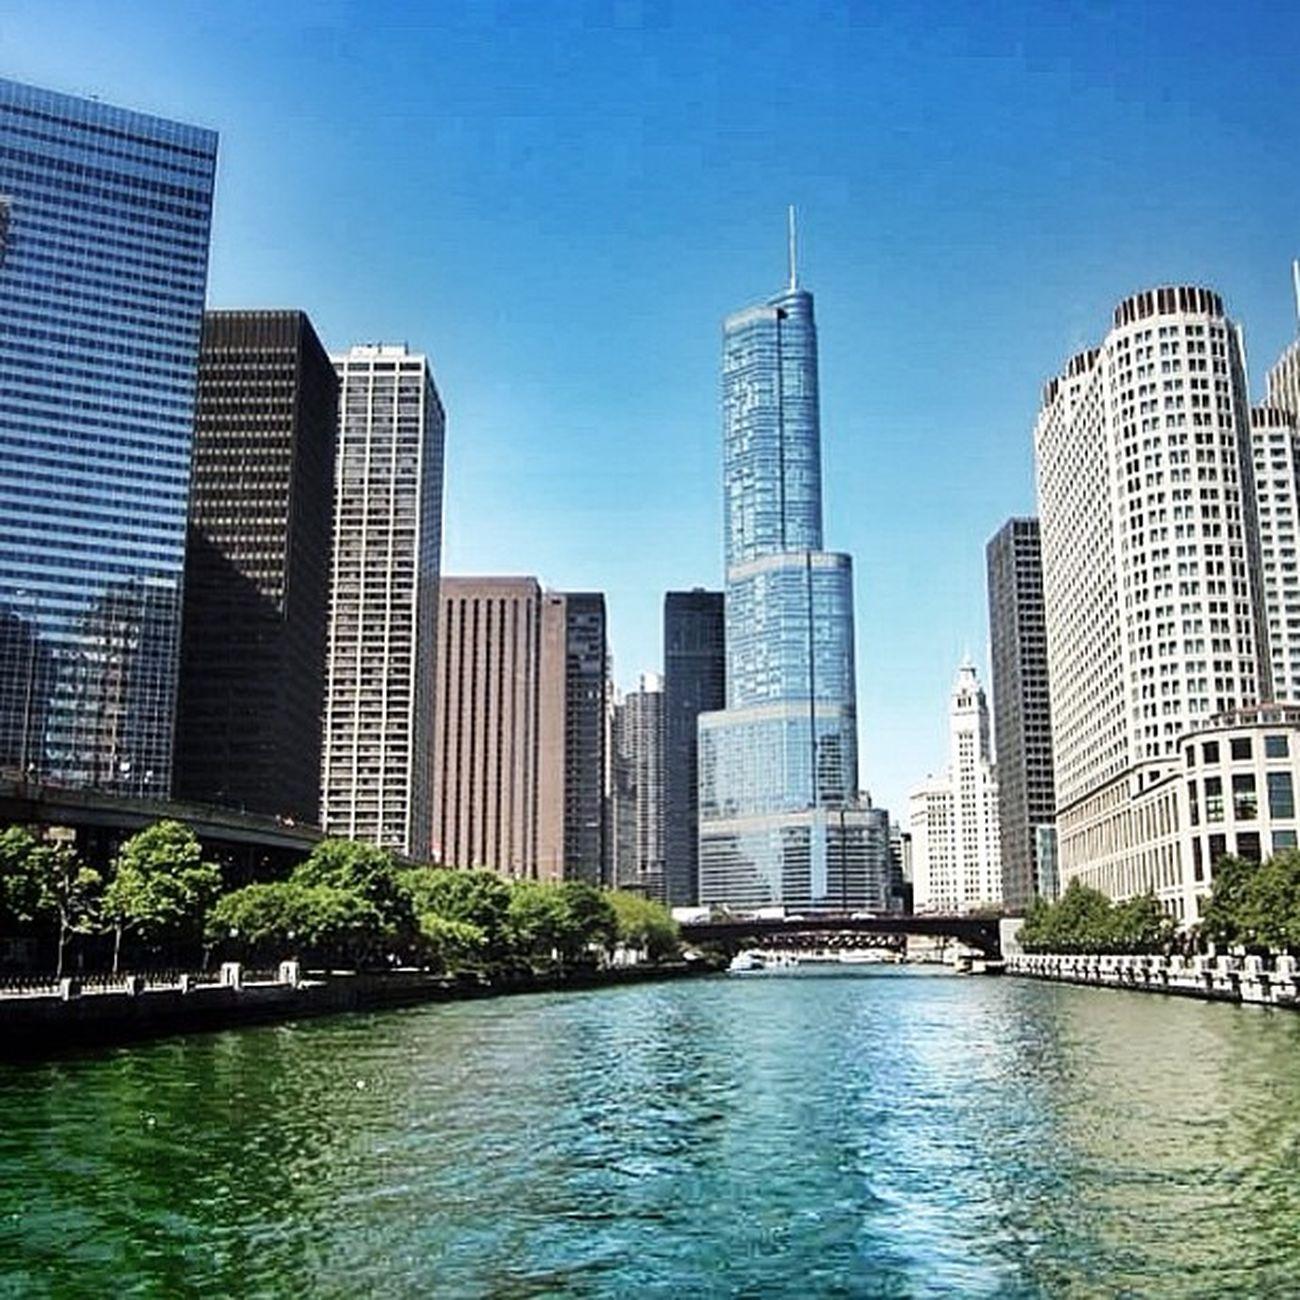 Chicago #chicago #chicagoriver #usa #city #river #trump #travel #honktravel River City Chicago Travel USA Trump Honktravel Chicagoriver